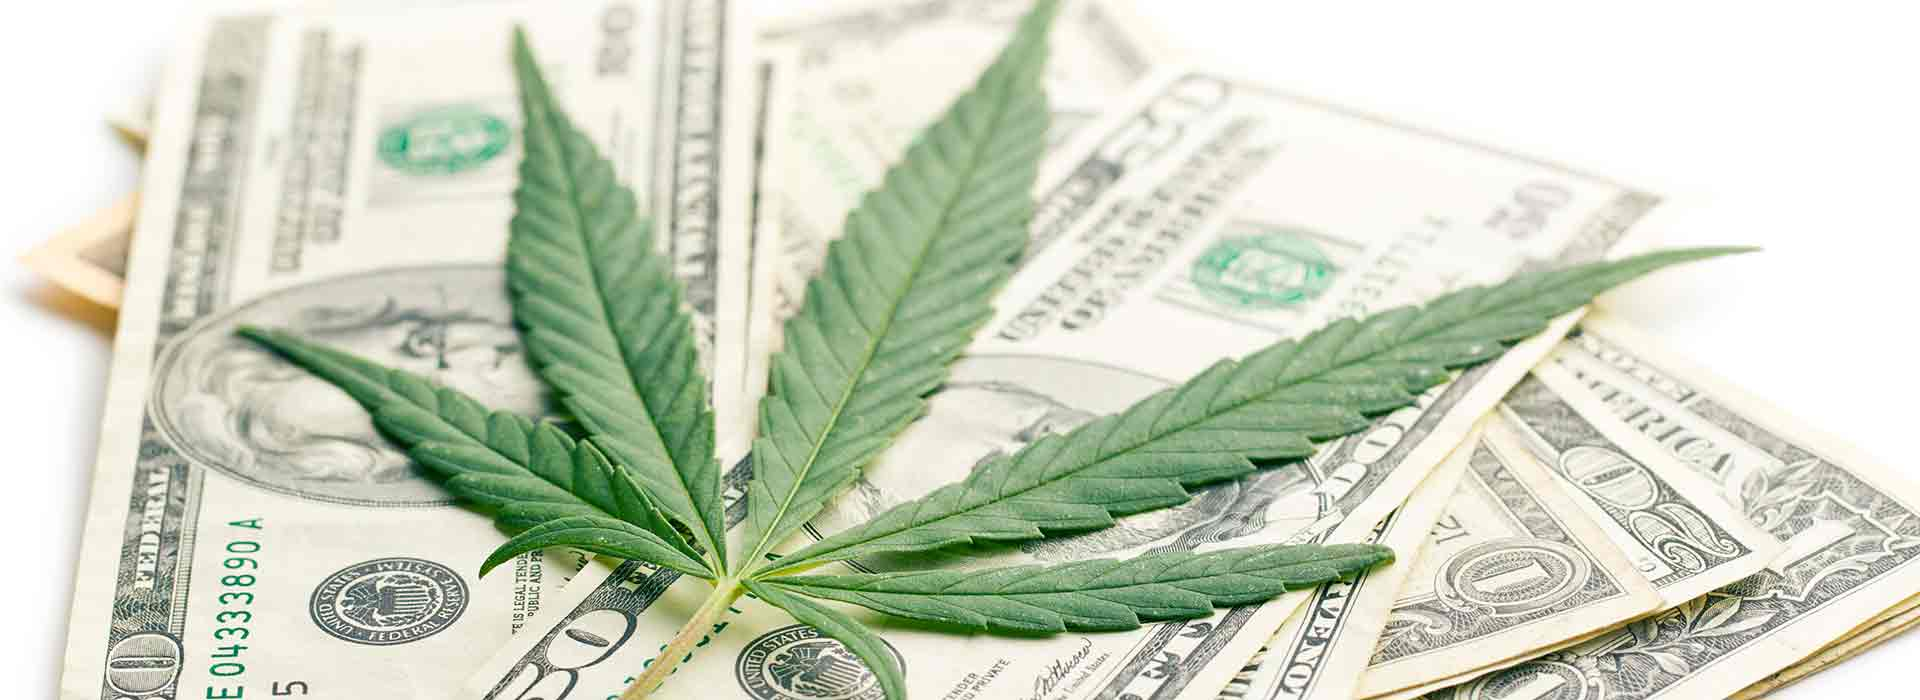 marijuana banking